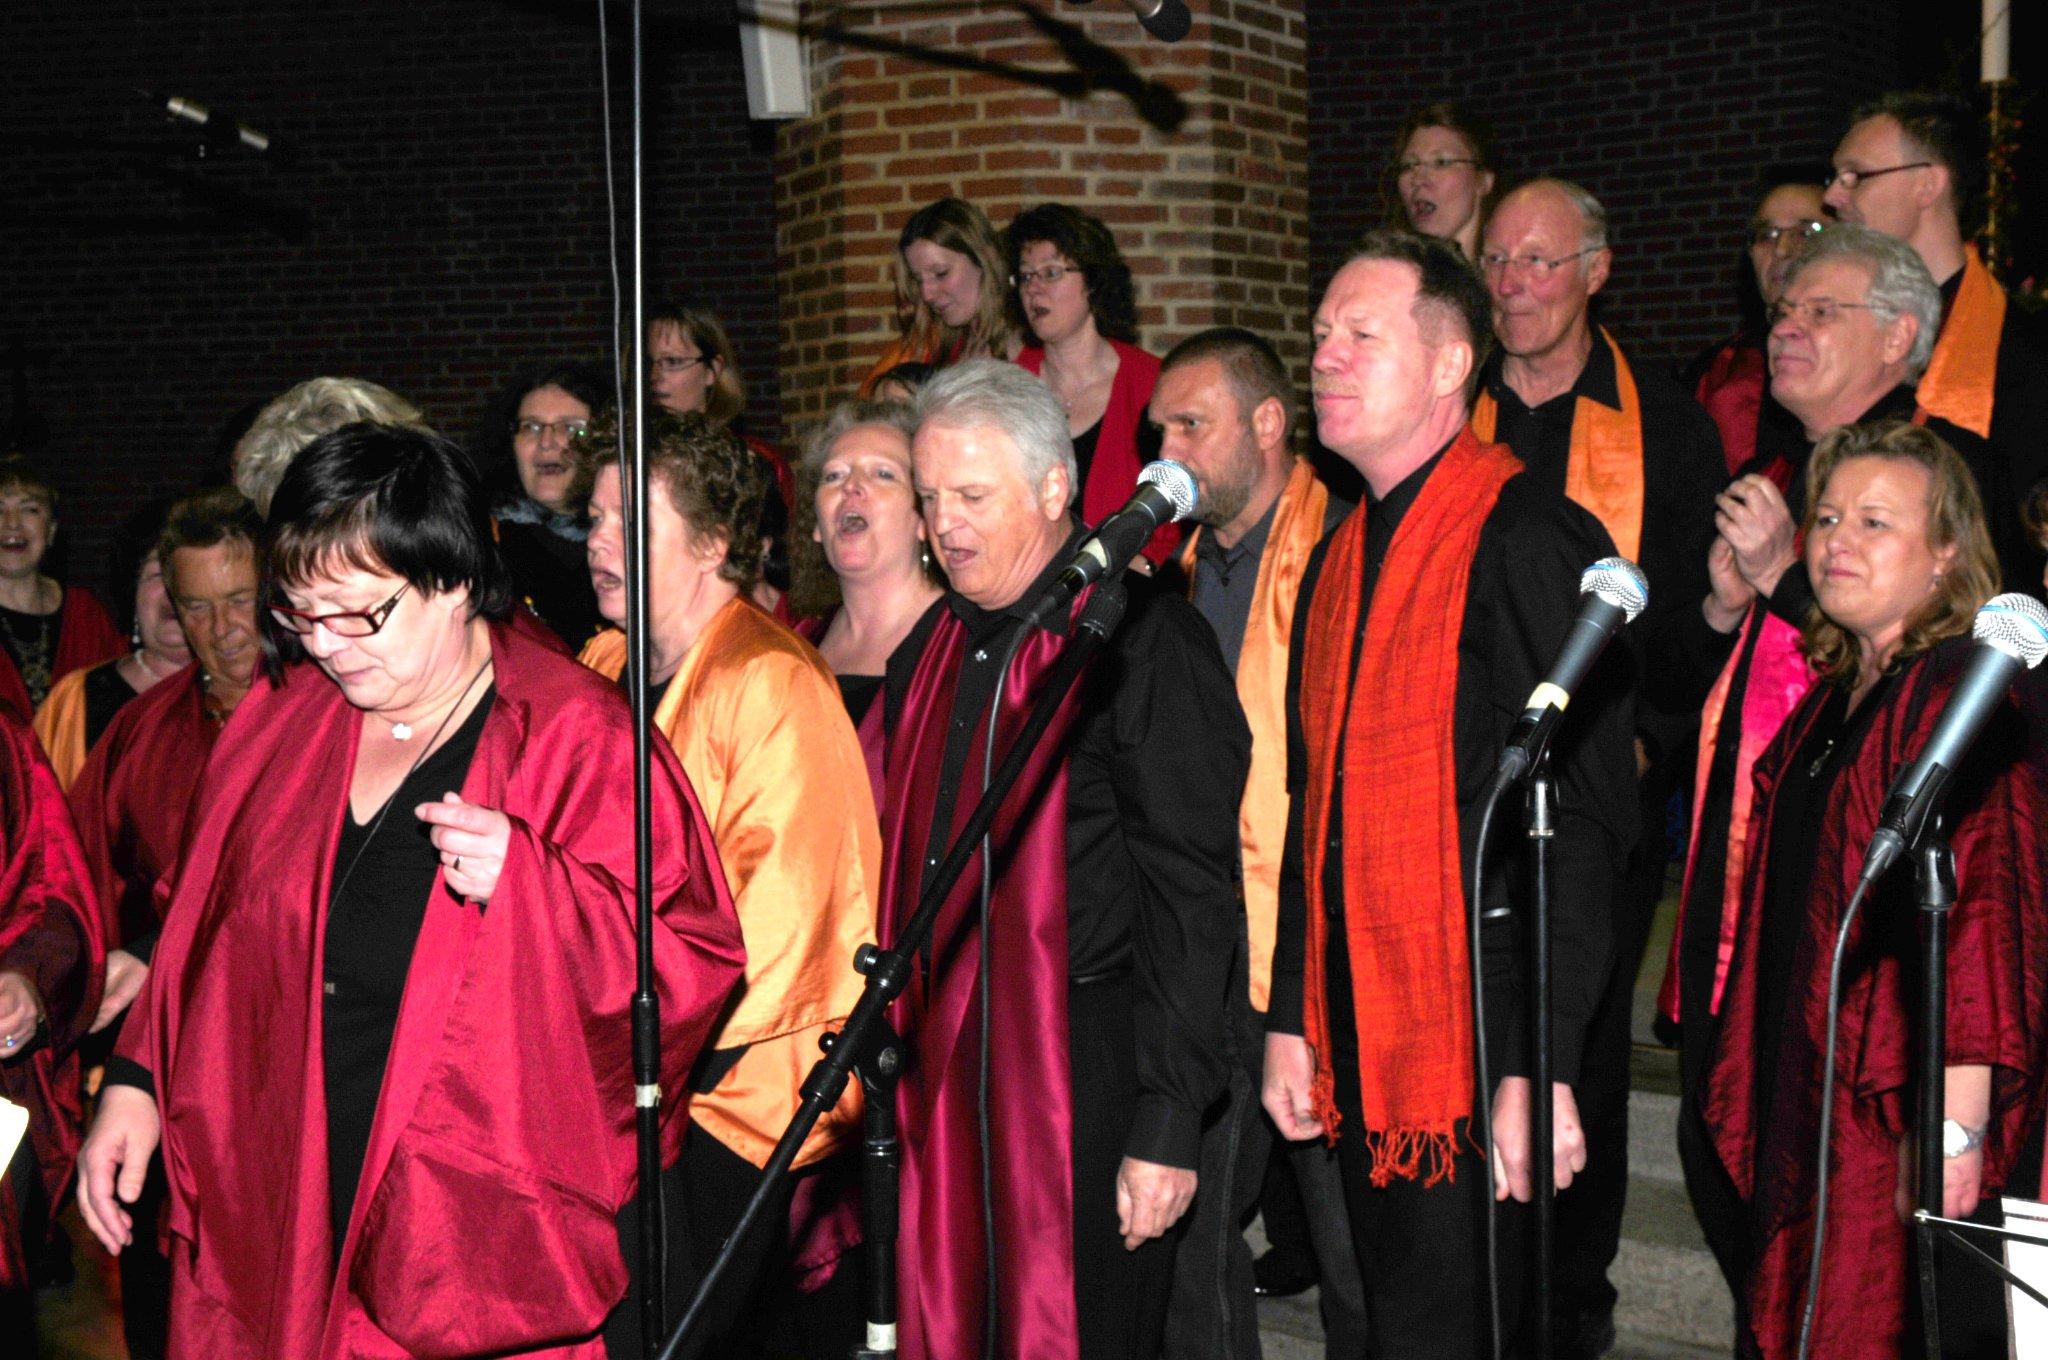 20120422 Reformations Gedaechtniskirche 073